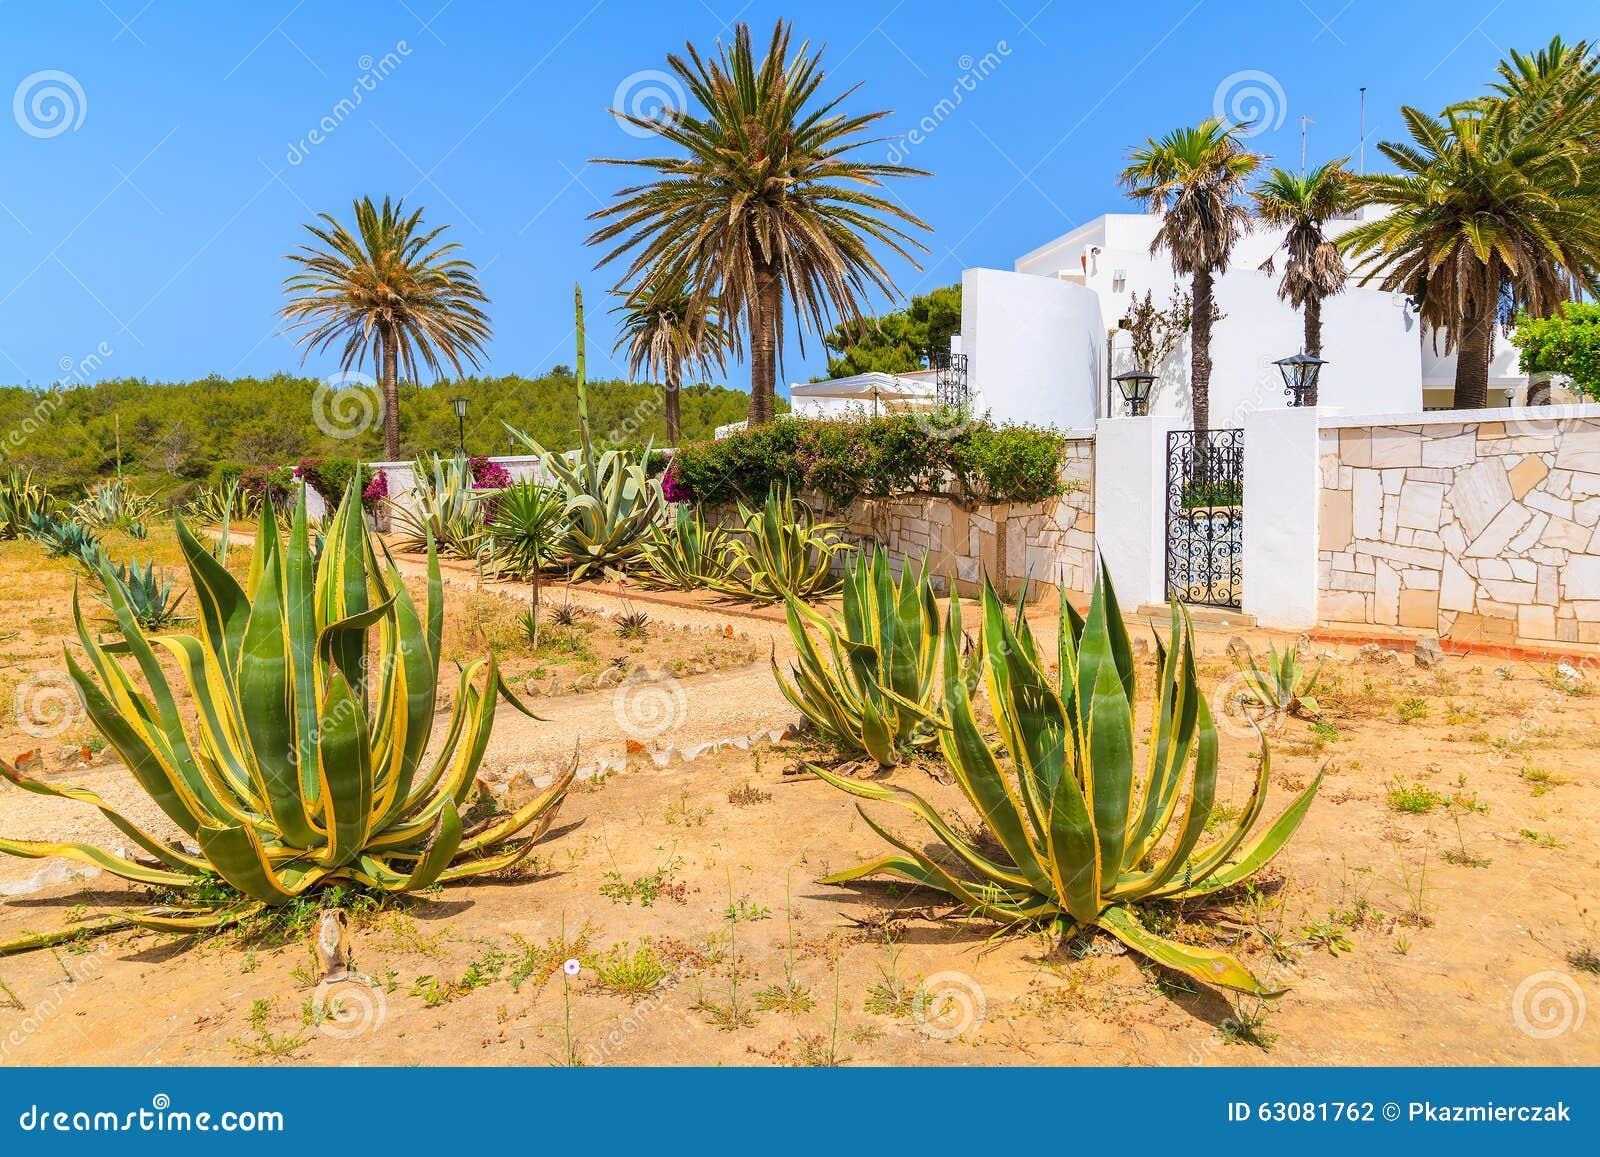 Download Usines D'agave S'élevant Devant Une Maison Photo stock - Image du europe, promenade: 63081762